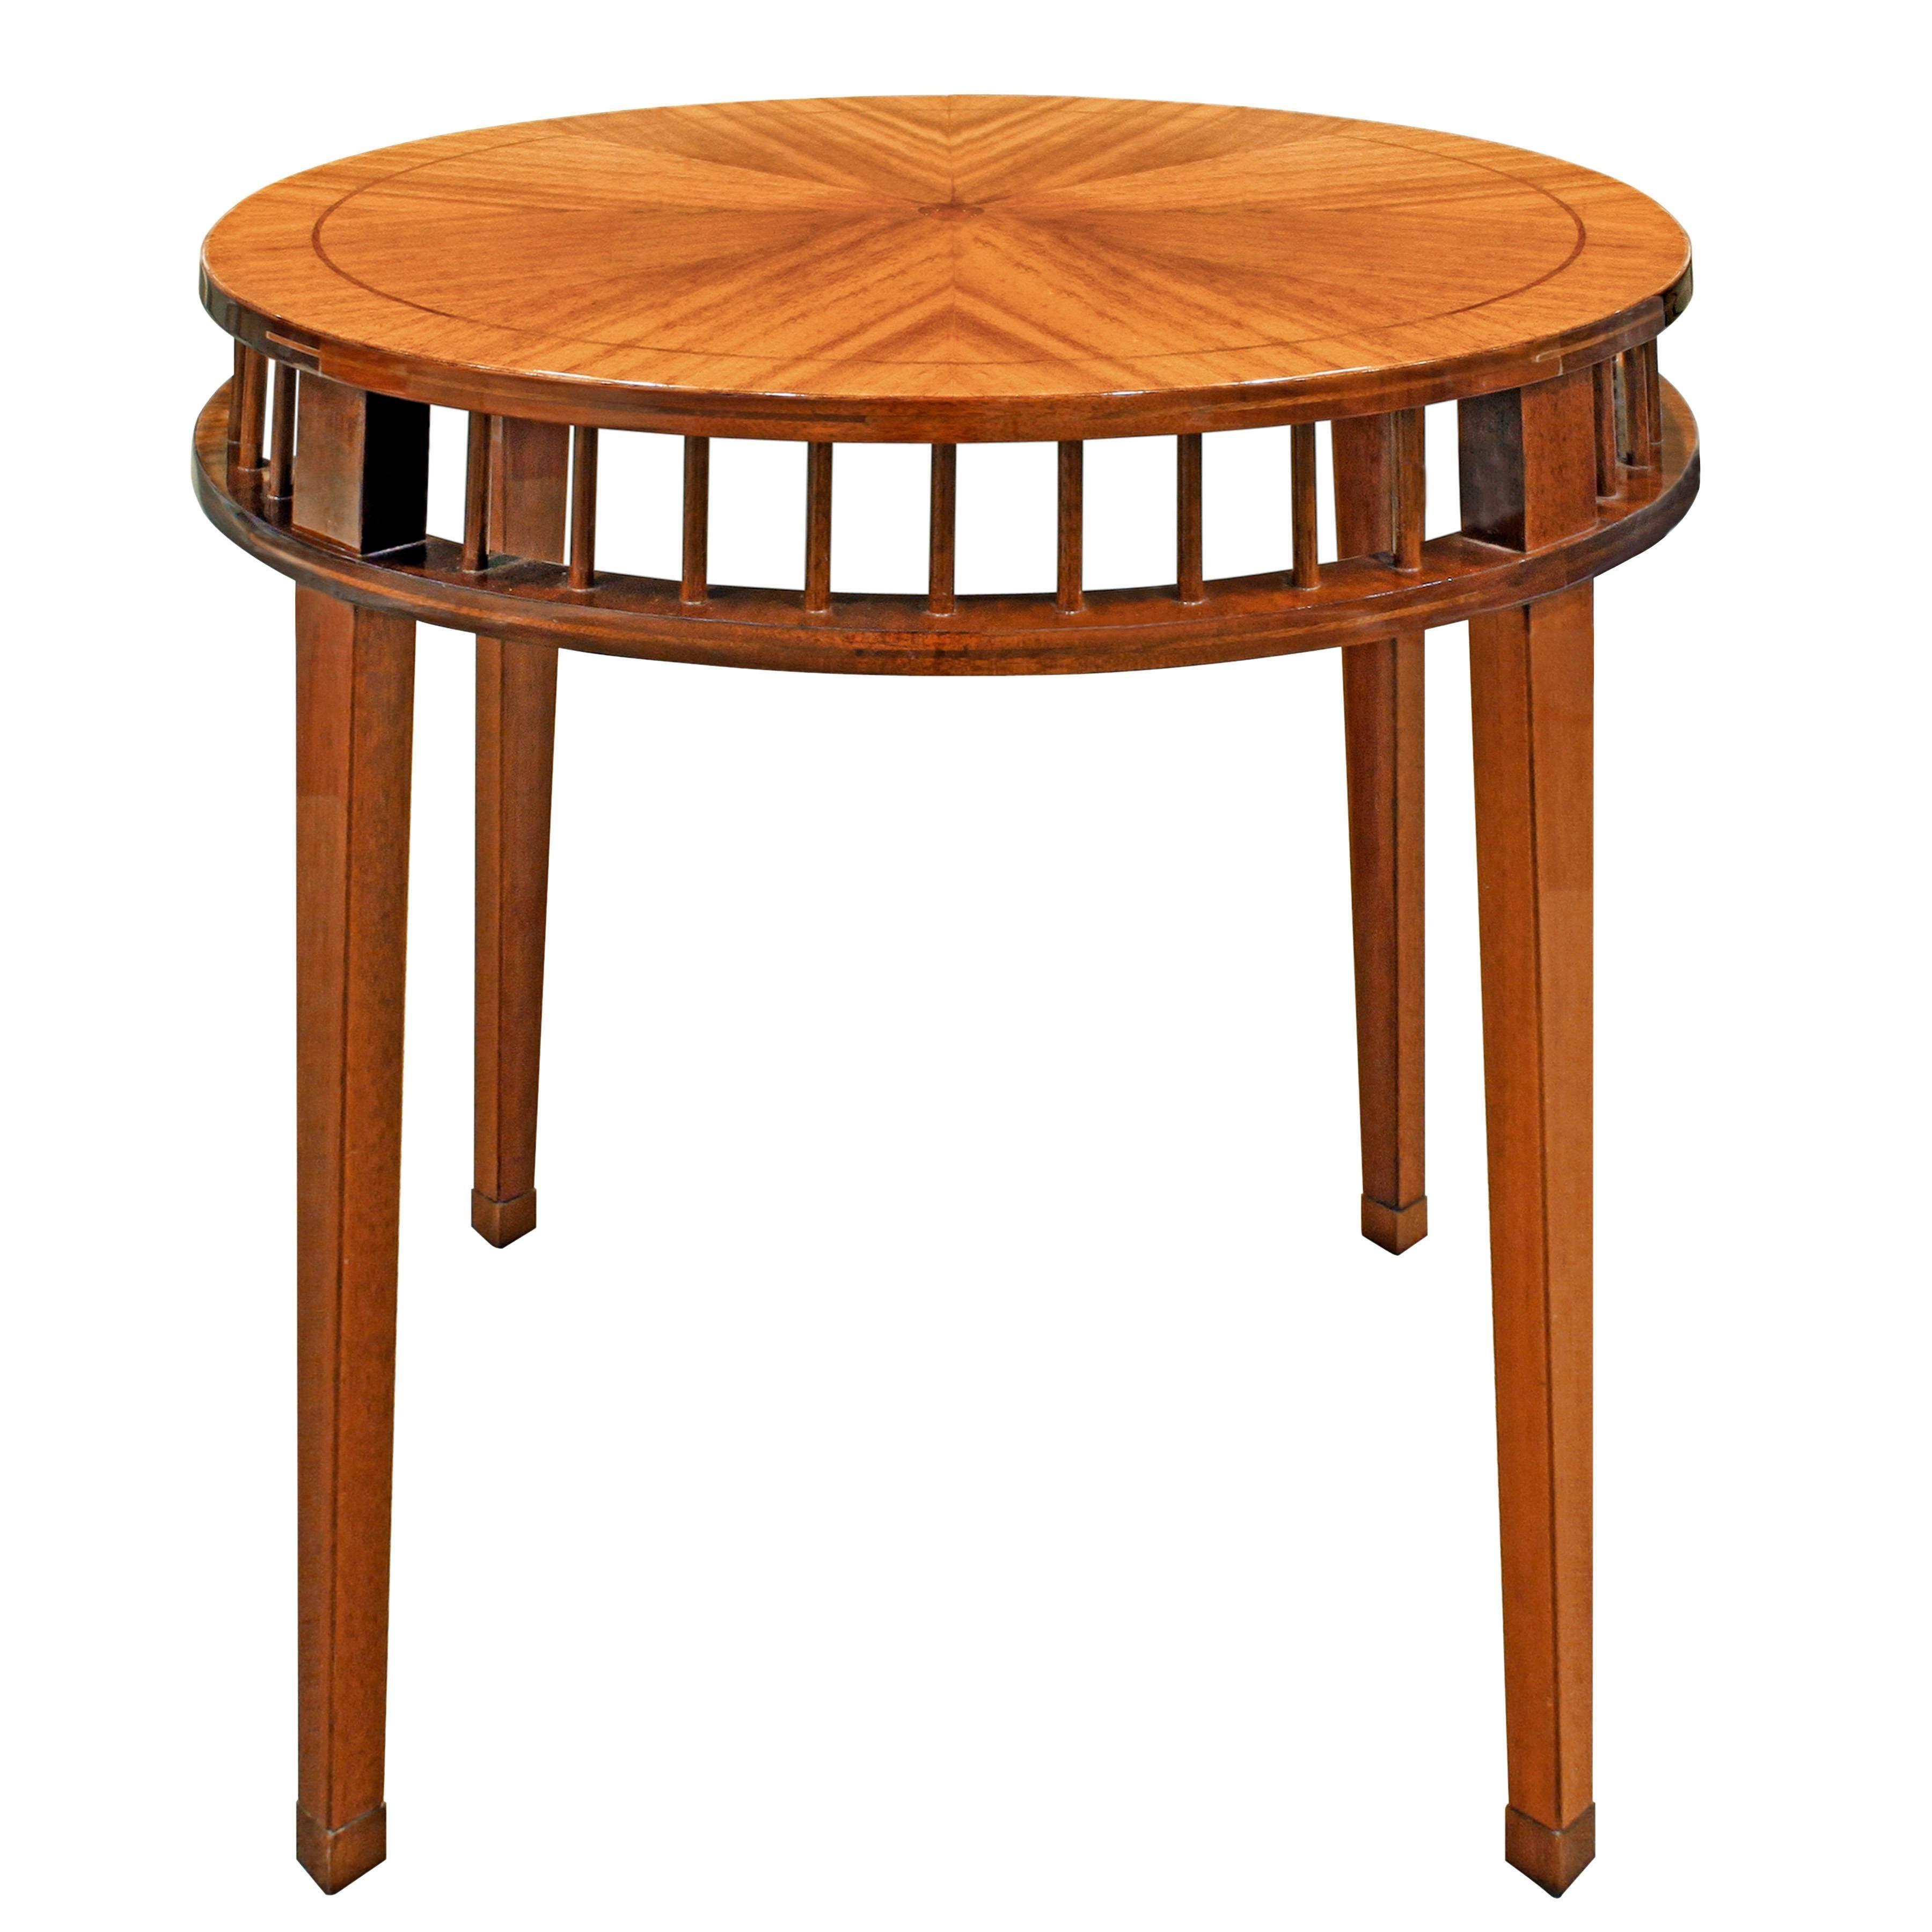 Shelton-Mindel Round Mahogany Side Table 1990s